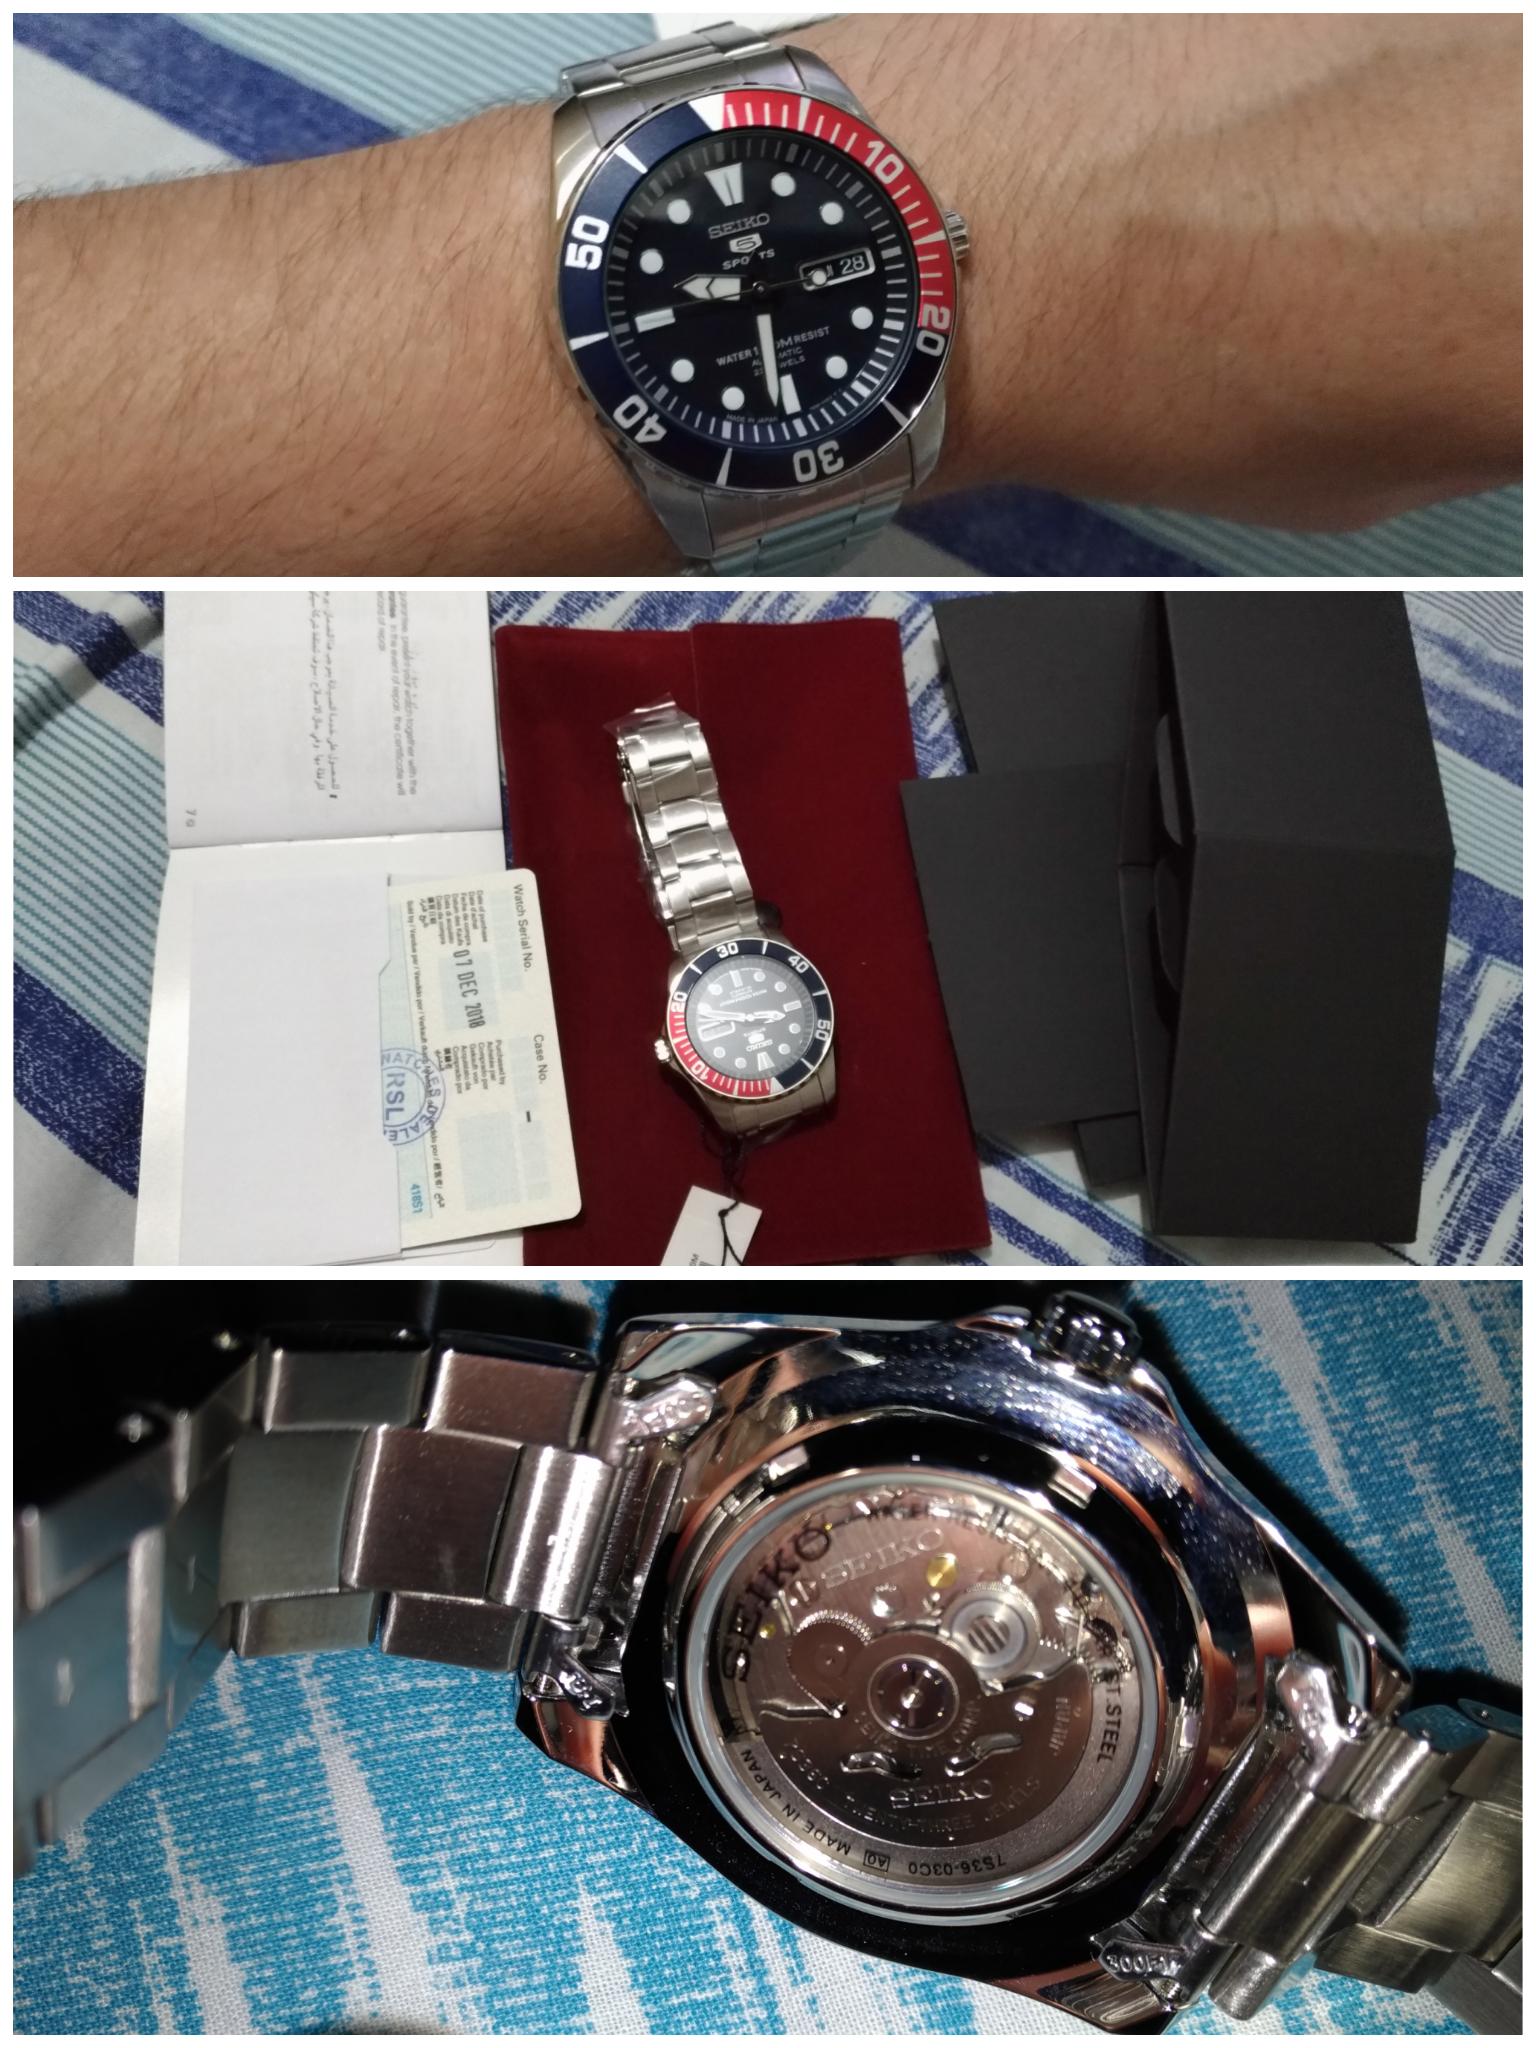 638d1c94307 OficialMOB  Relógios - Página 2383